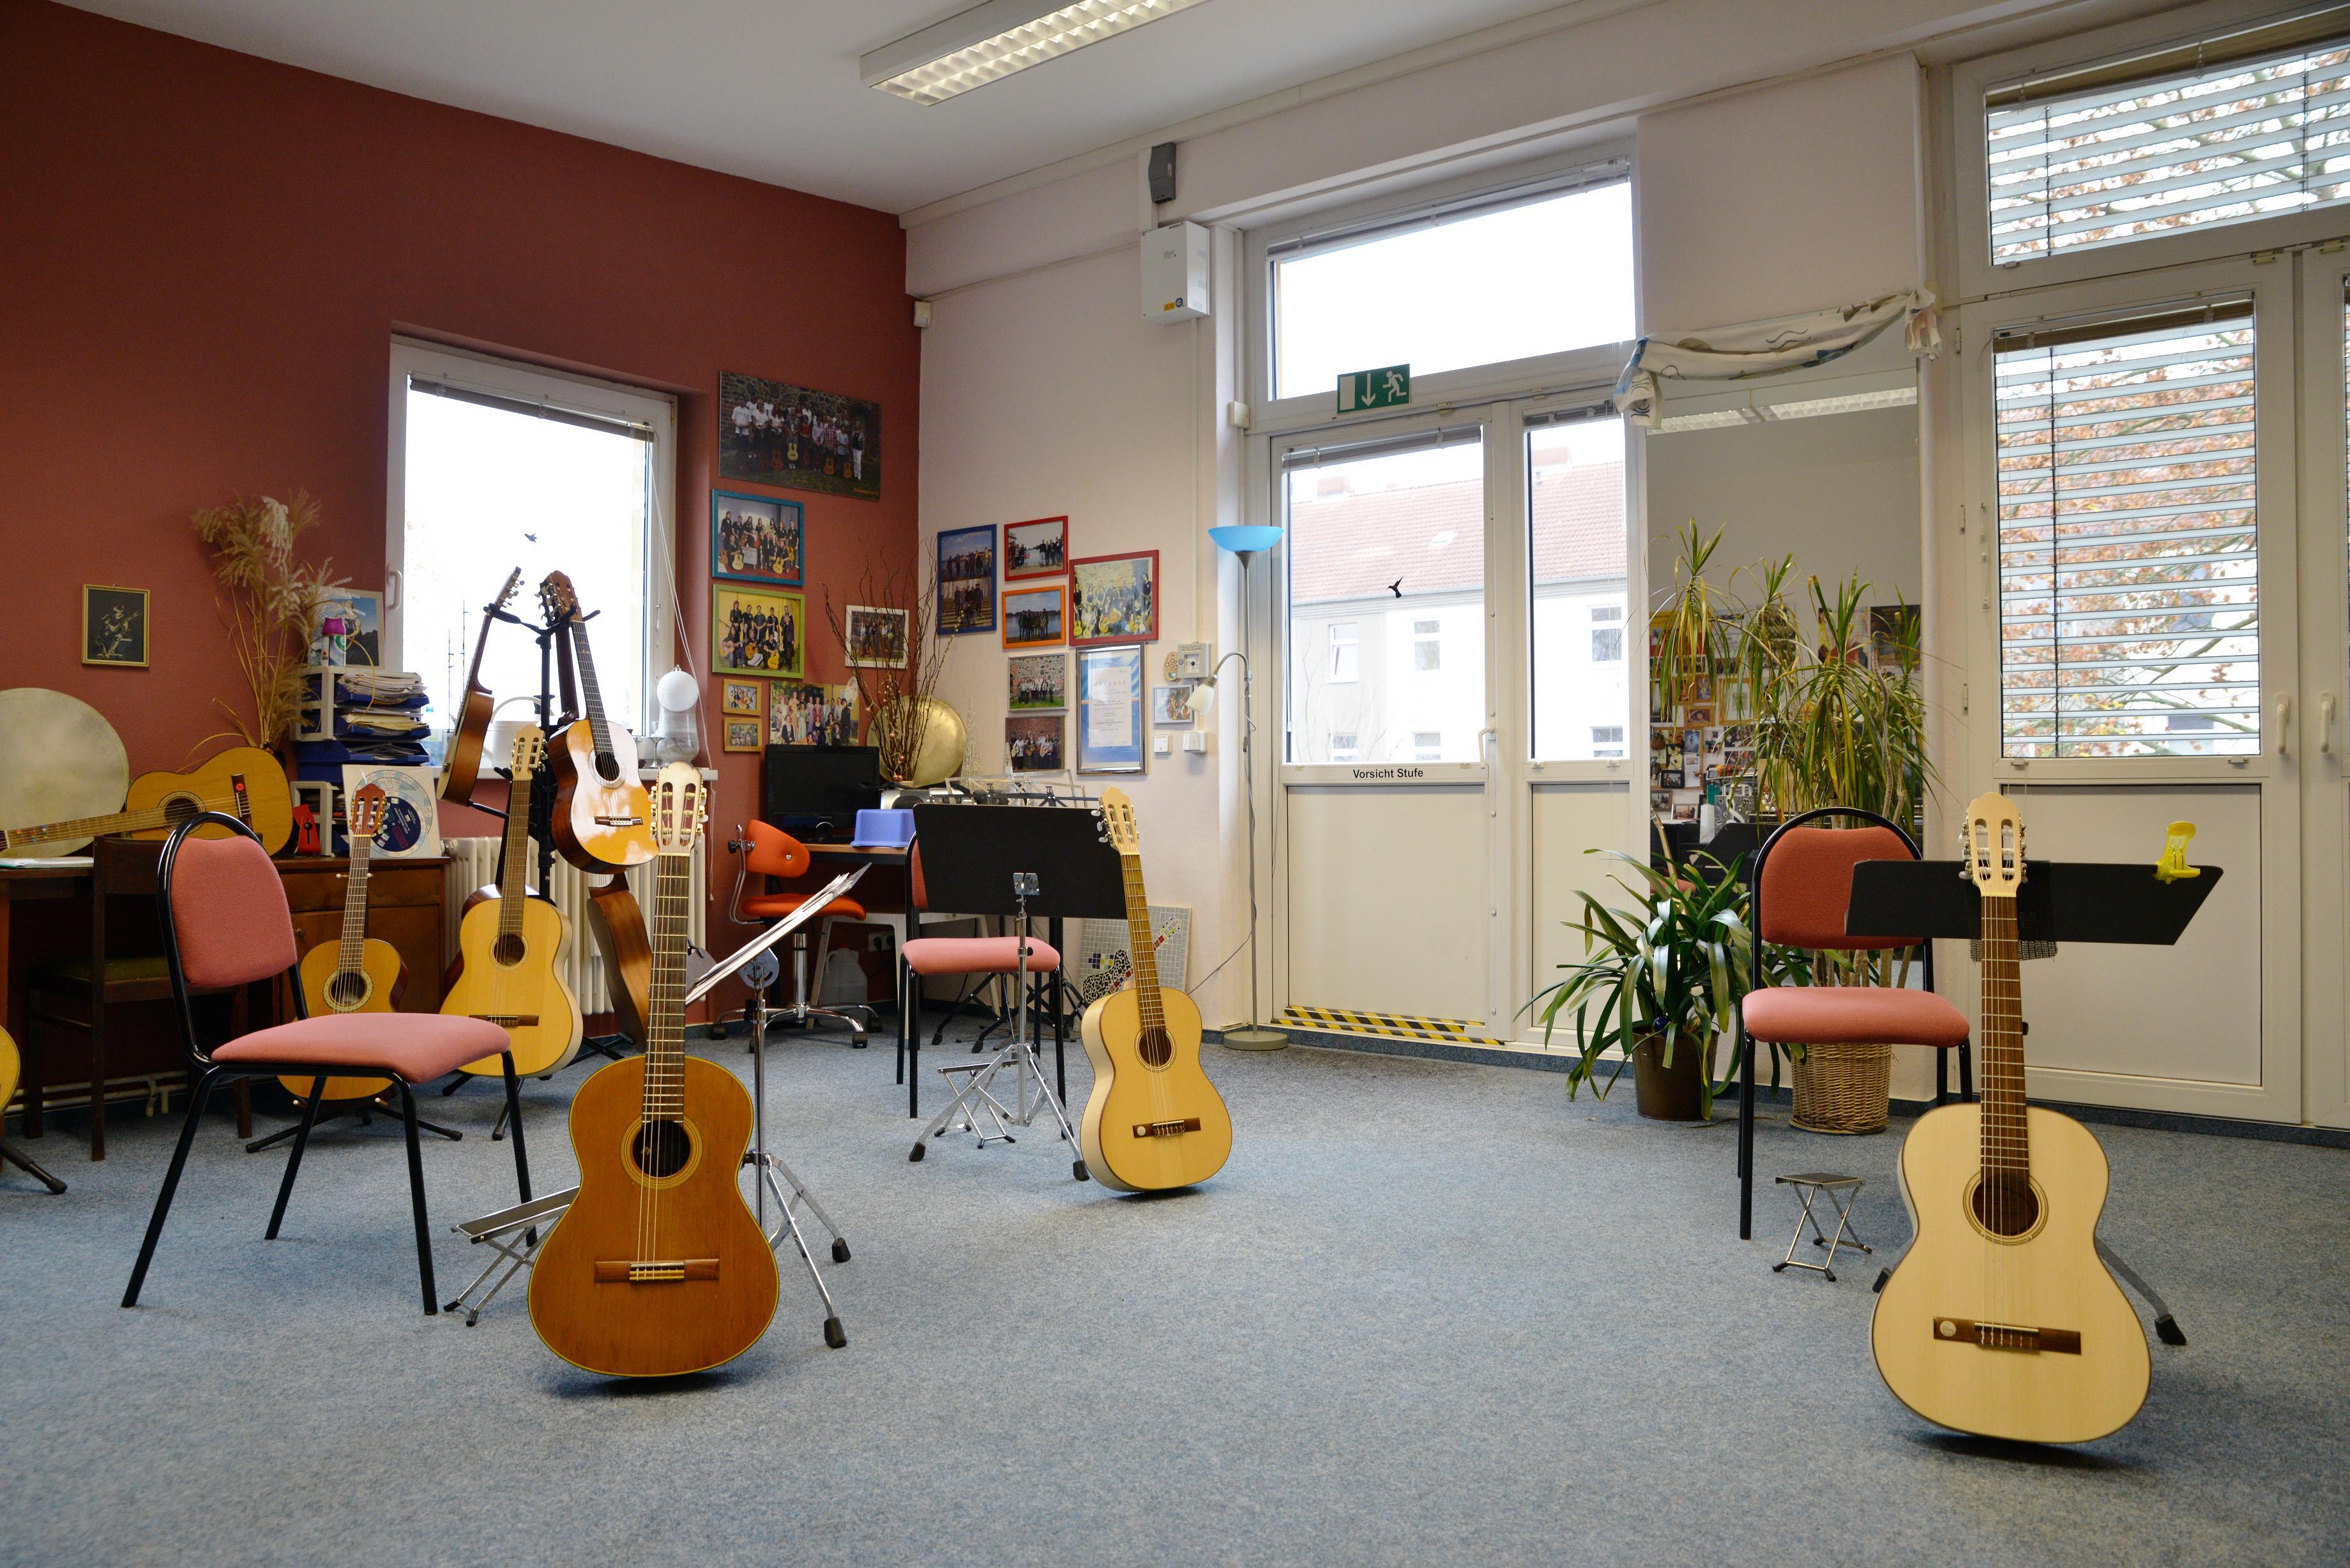 Ein Raum mit Gitarren